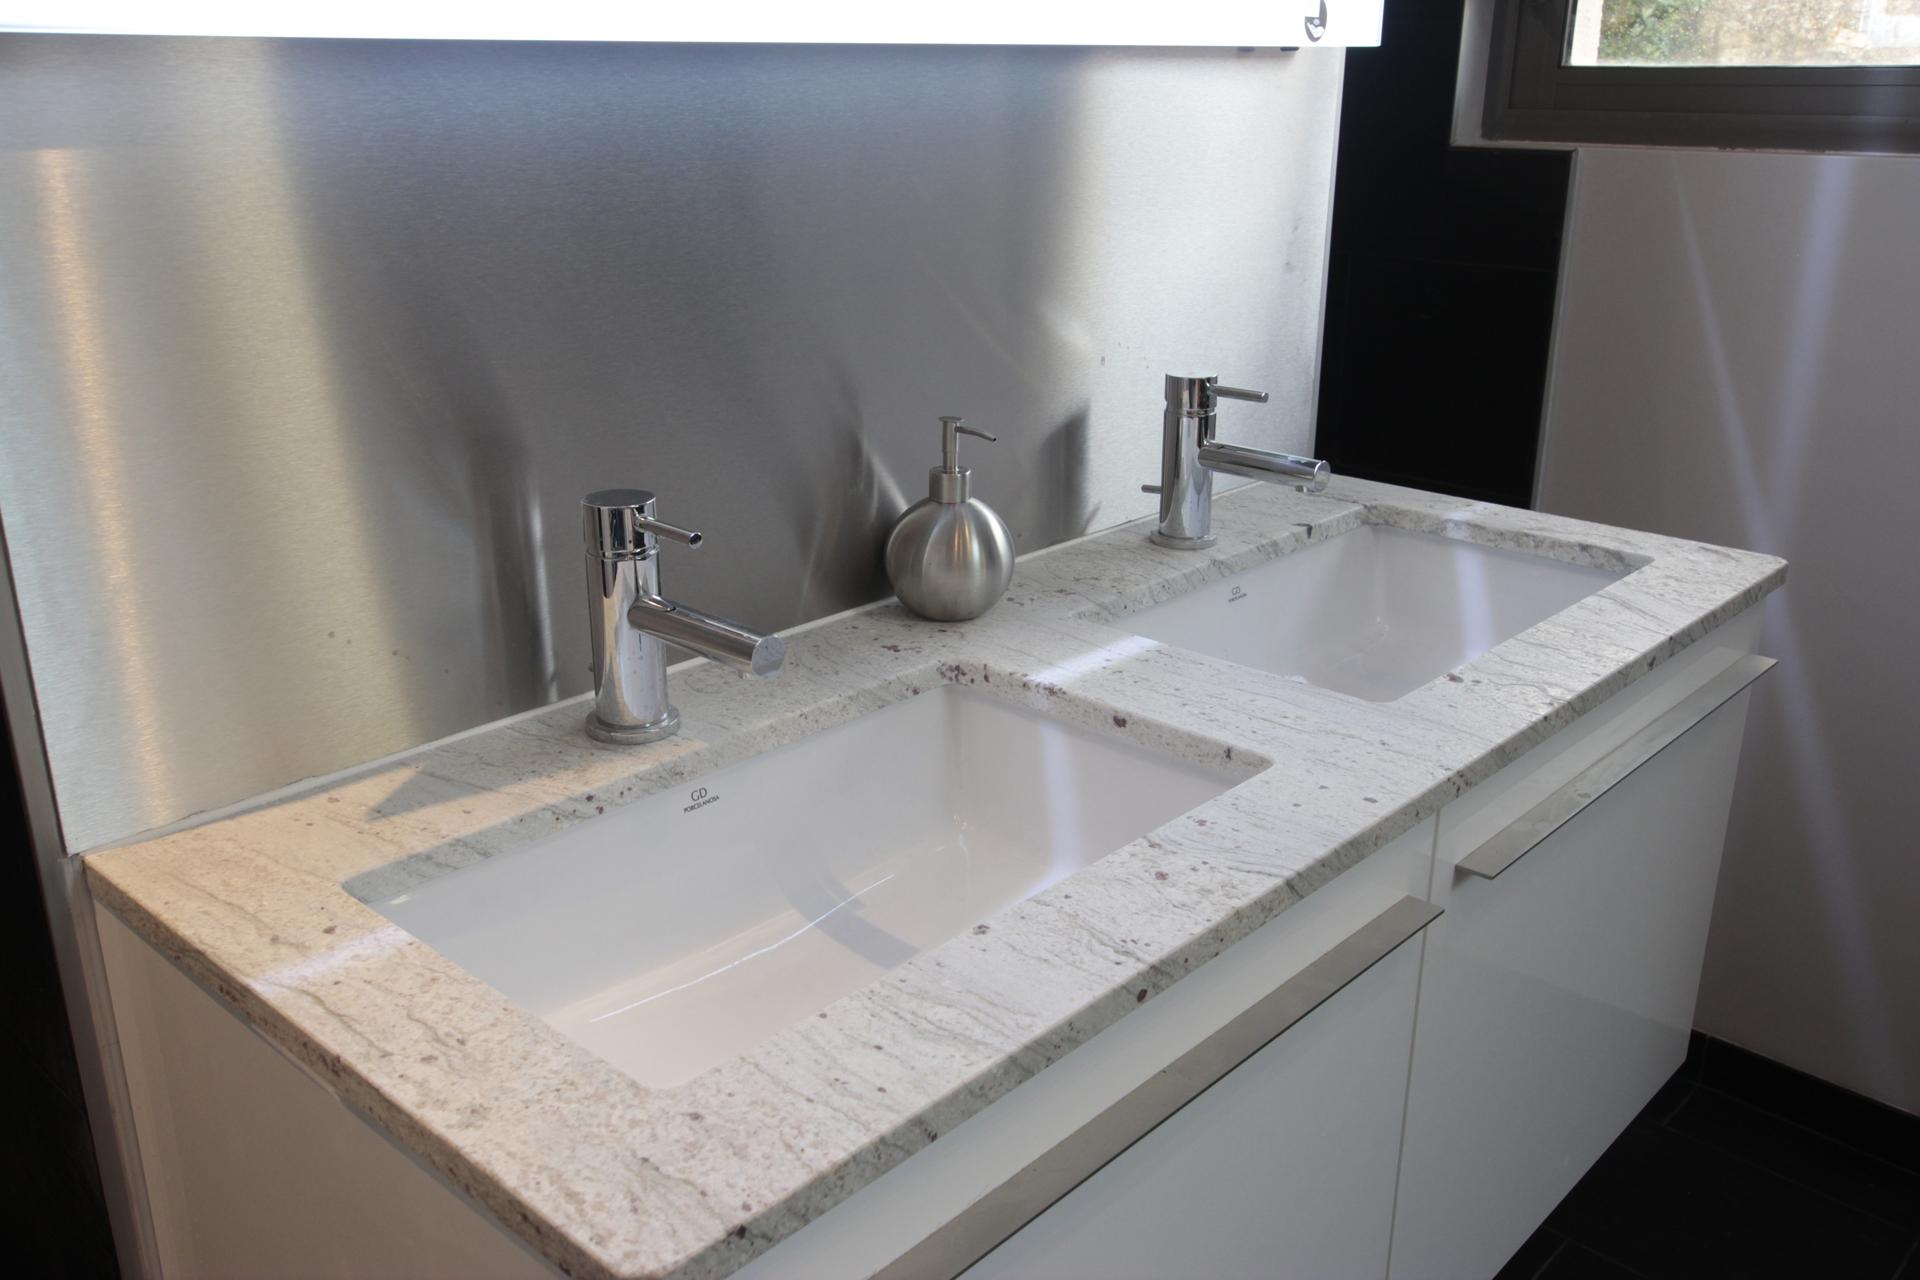 Plan de vasque porcelanosa jou plomberie chauffage for Porcelanosa salle de bain